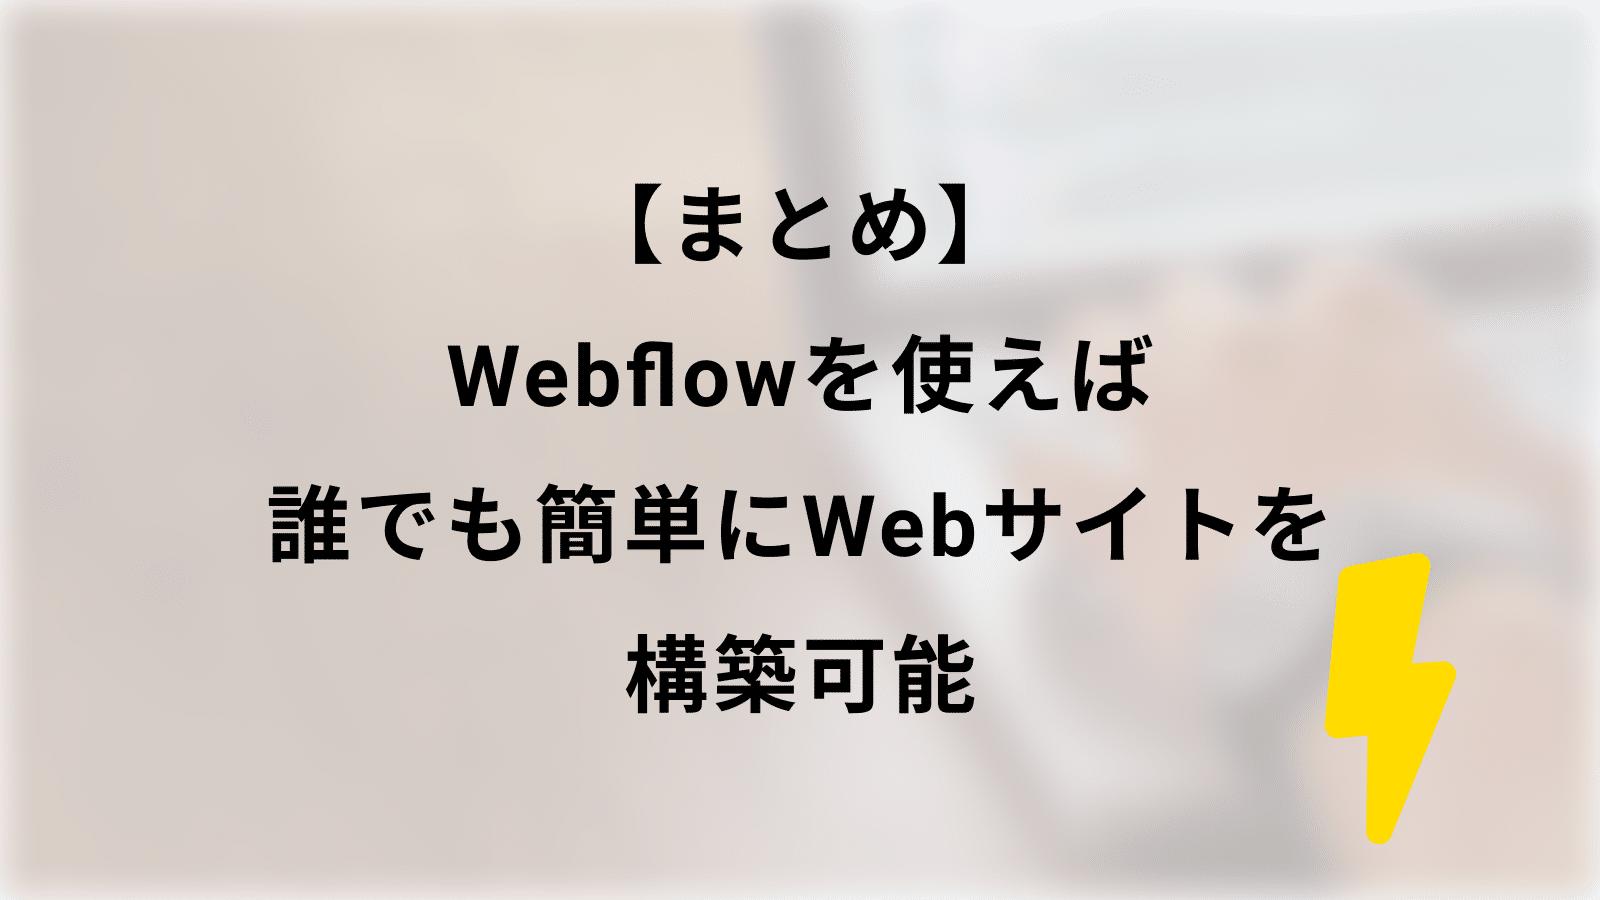 【まとめ】Webflowを使えば誰でも簡単にWebサイトを構築可能